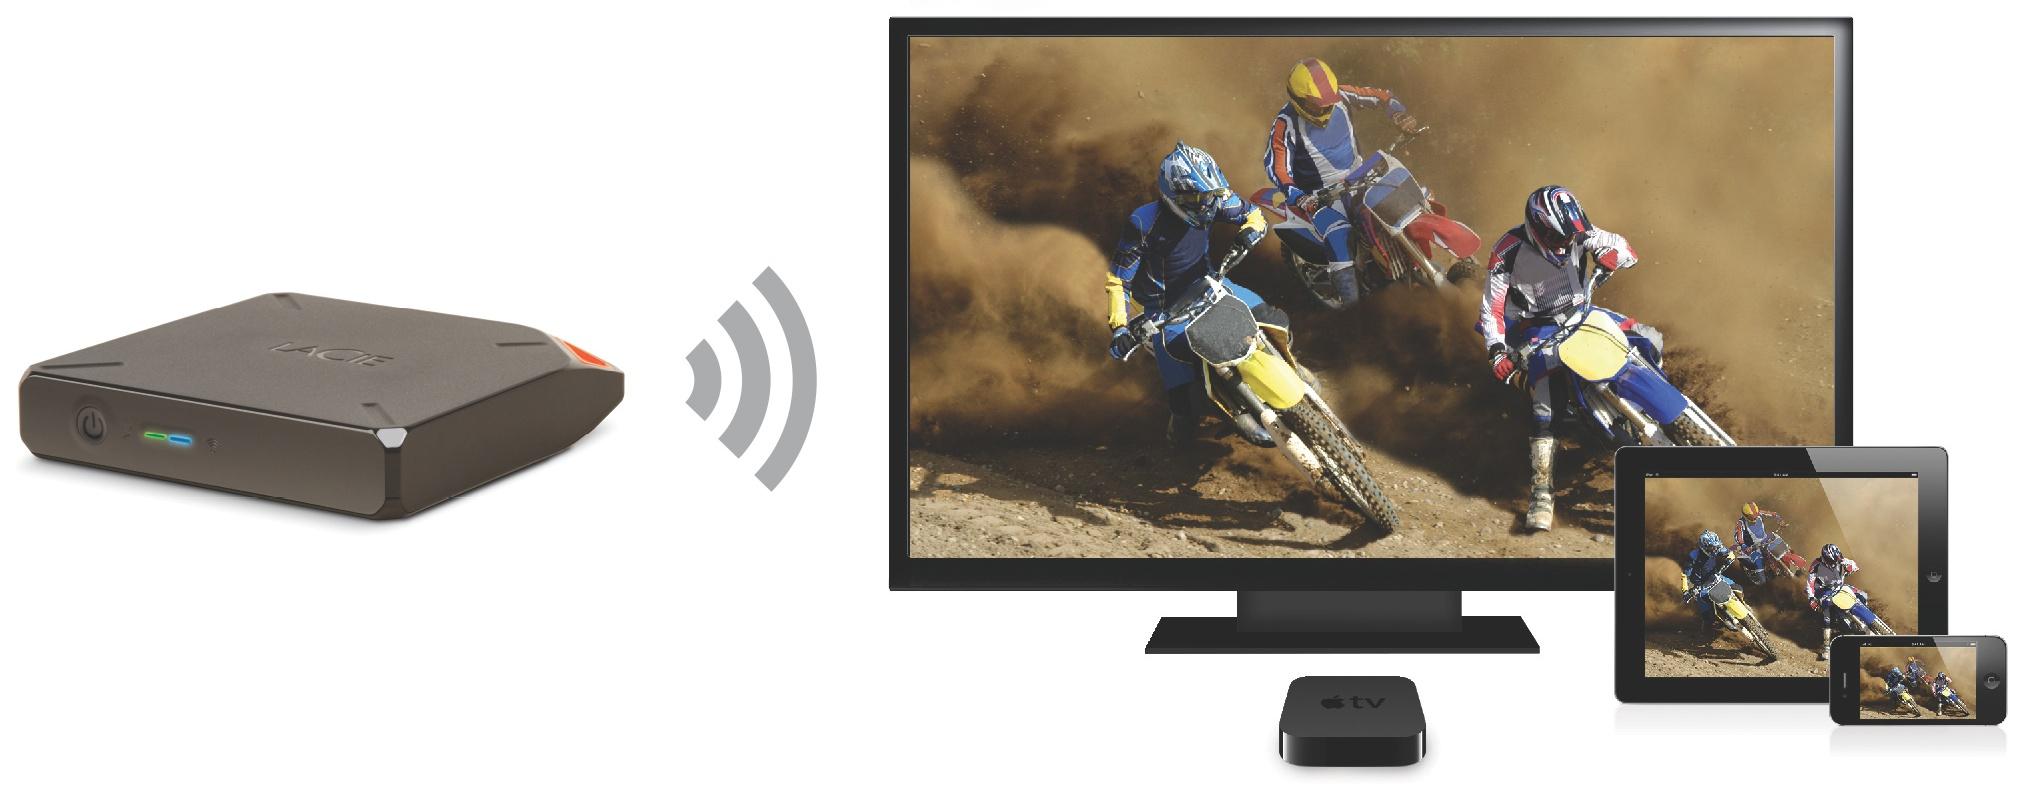 Lacie-Fuel-three-up-Apple-TV-iPhone-iPad